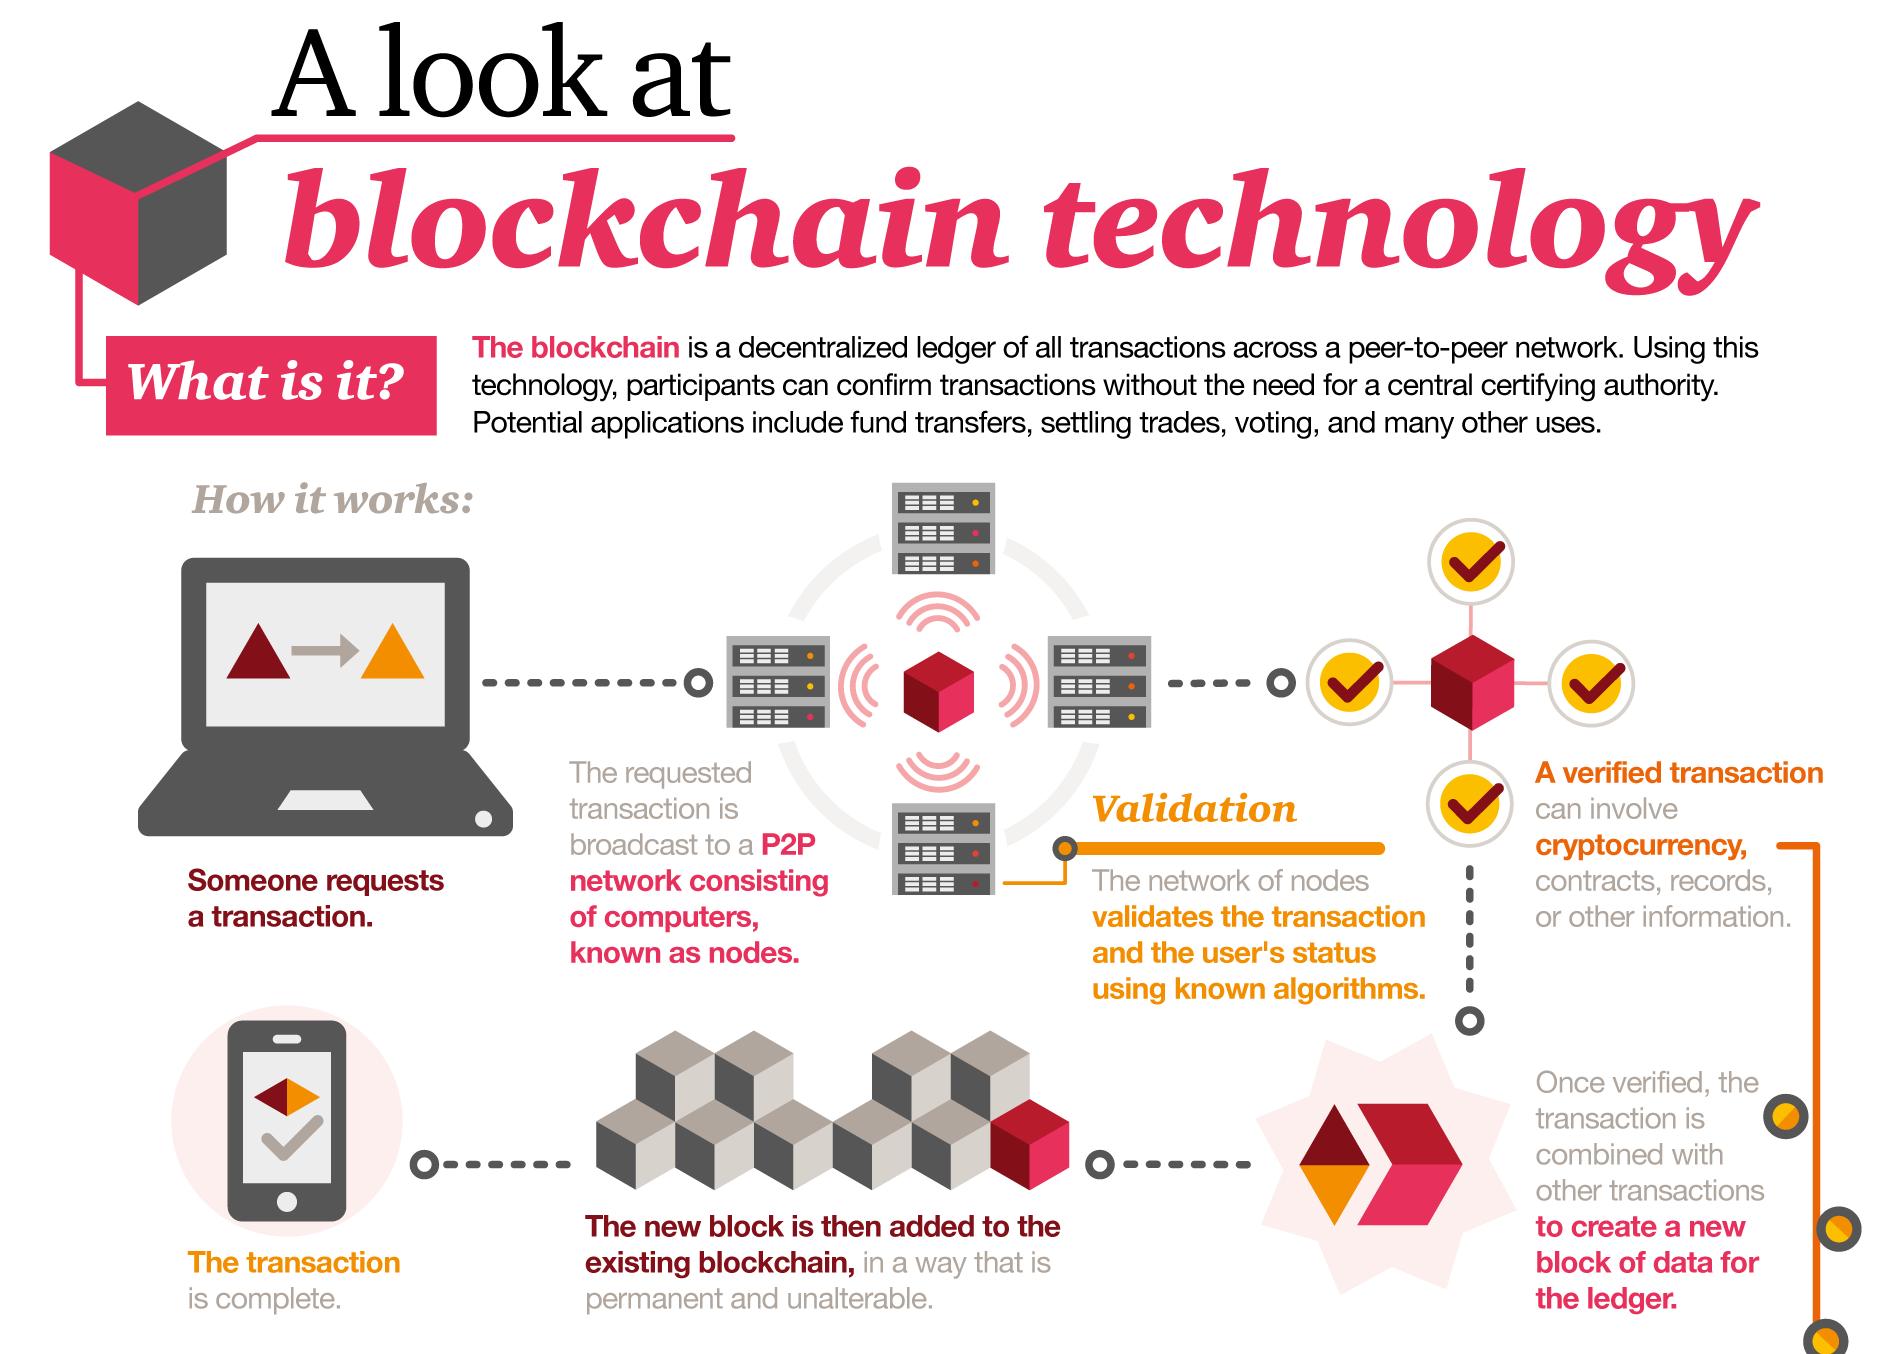 Blockchan tehnology explained